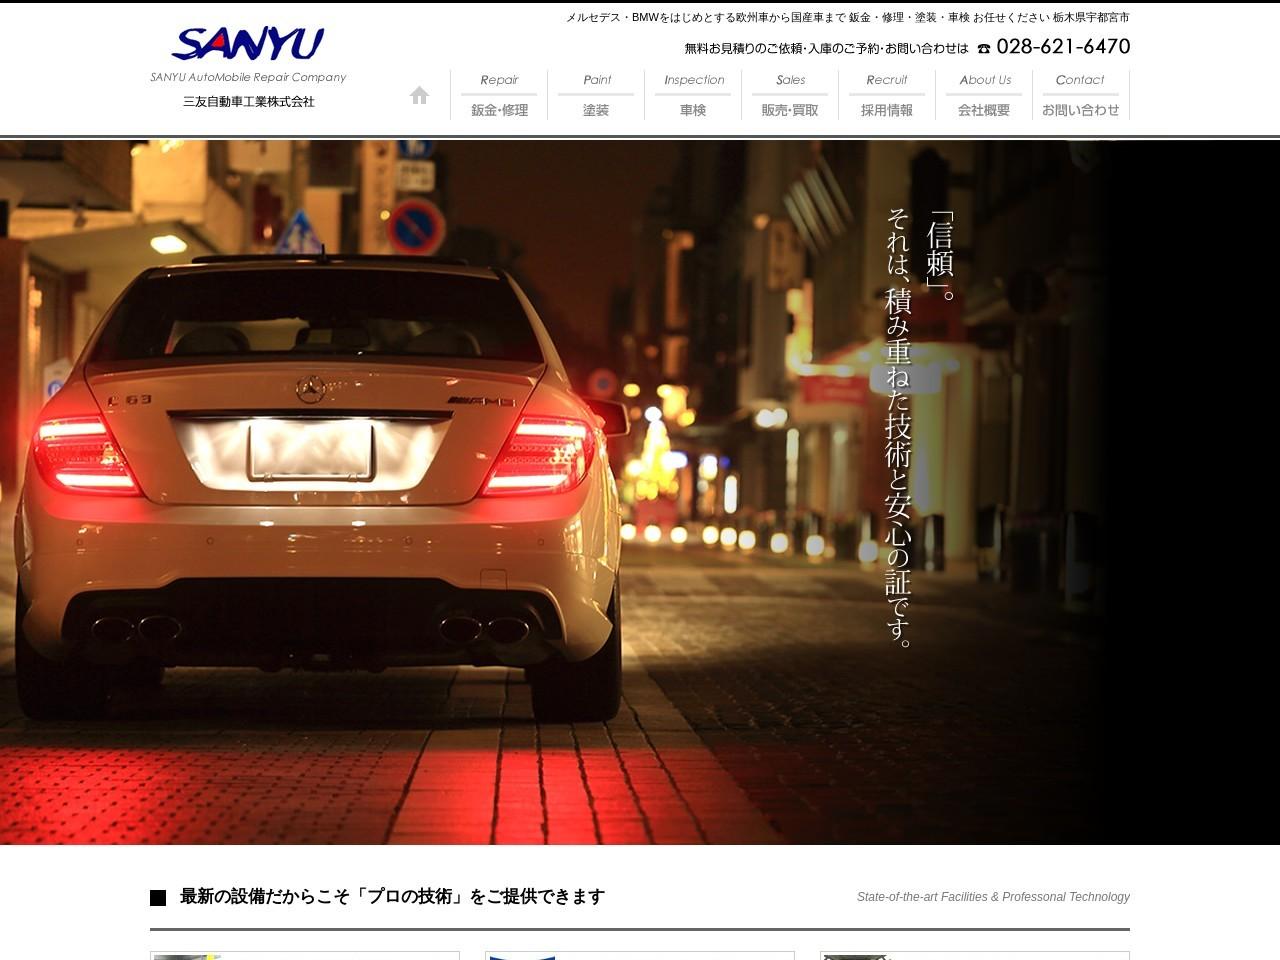 三友自動車工業株式会社